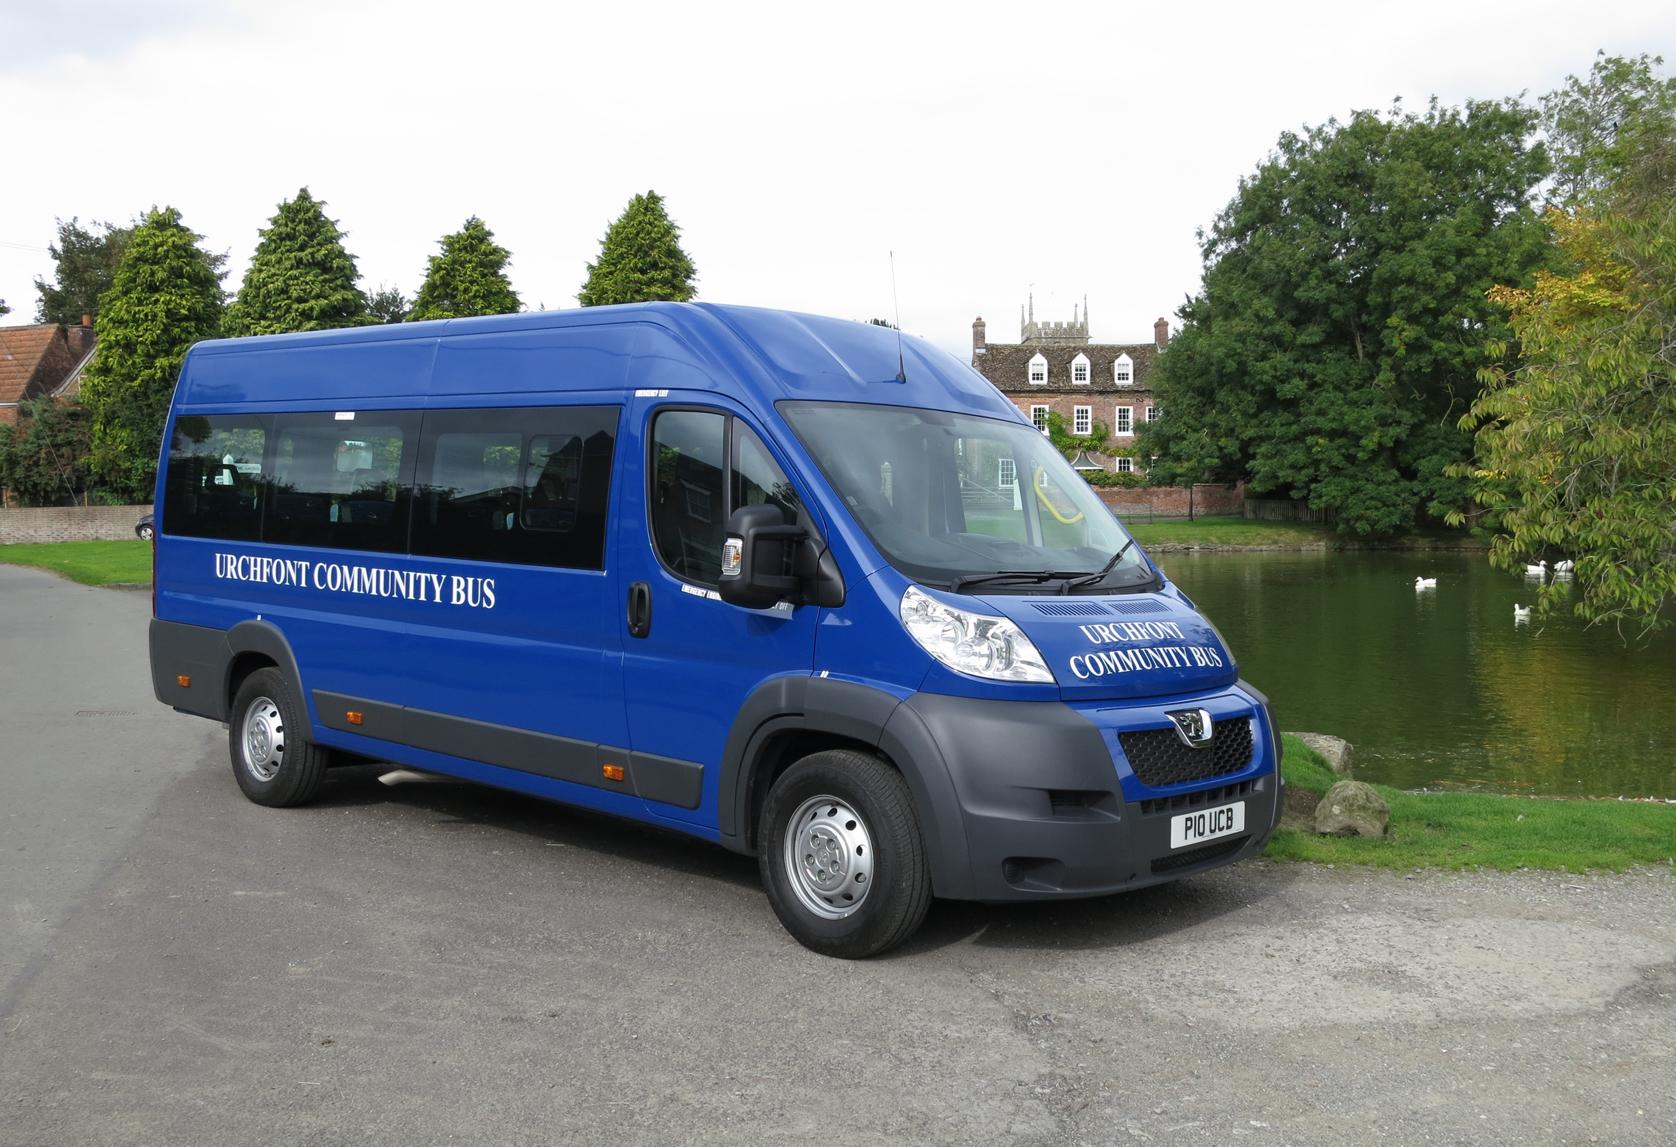 Urchfont Parish Council - Urchfont Community Bus